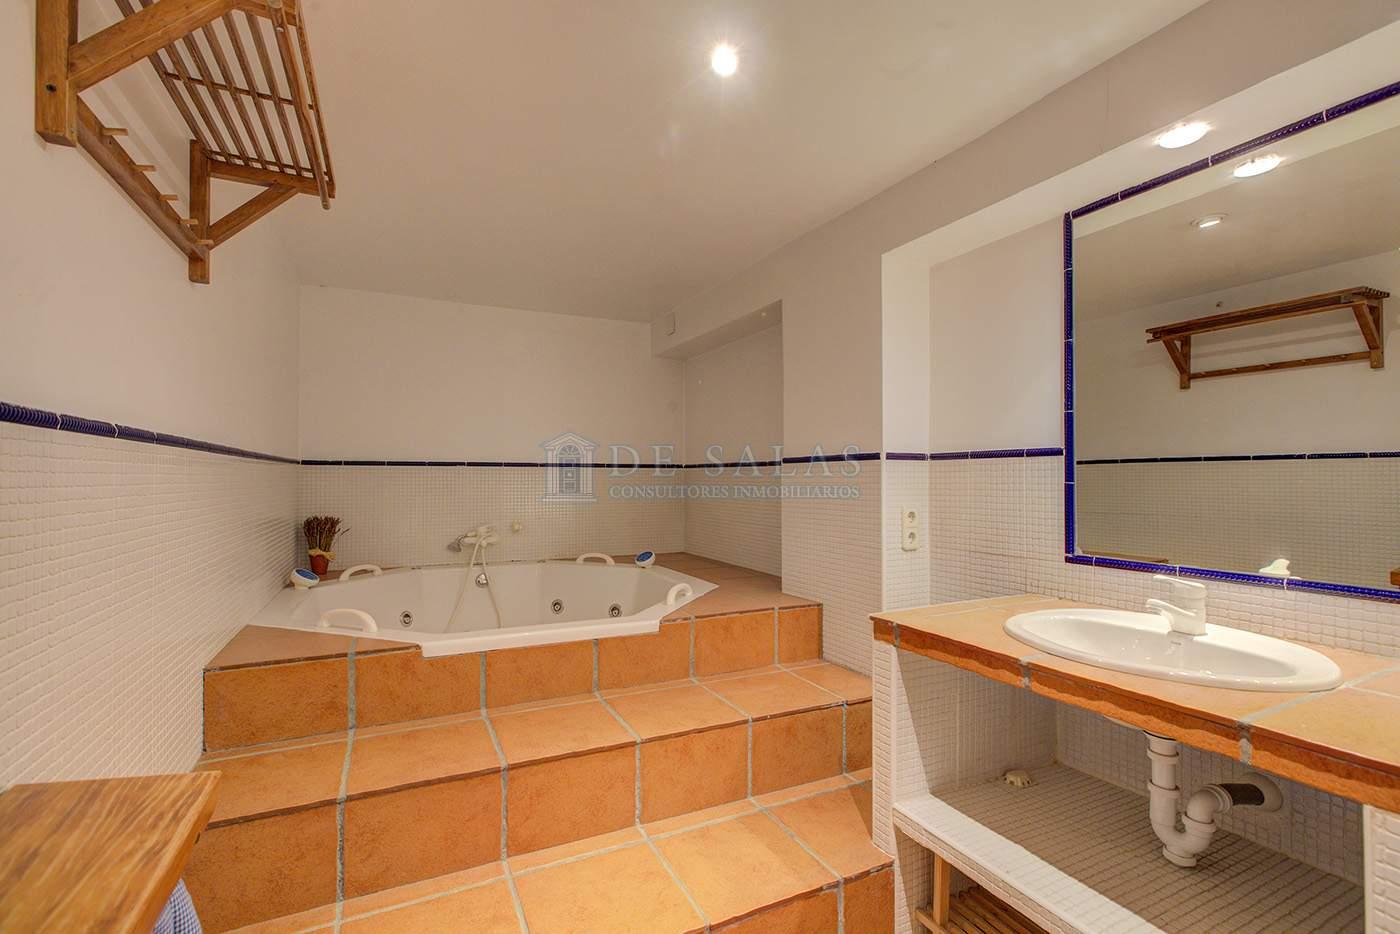 Baño-IMG_9825_6_7 copia